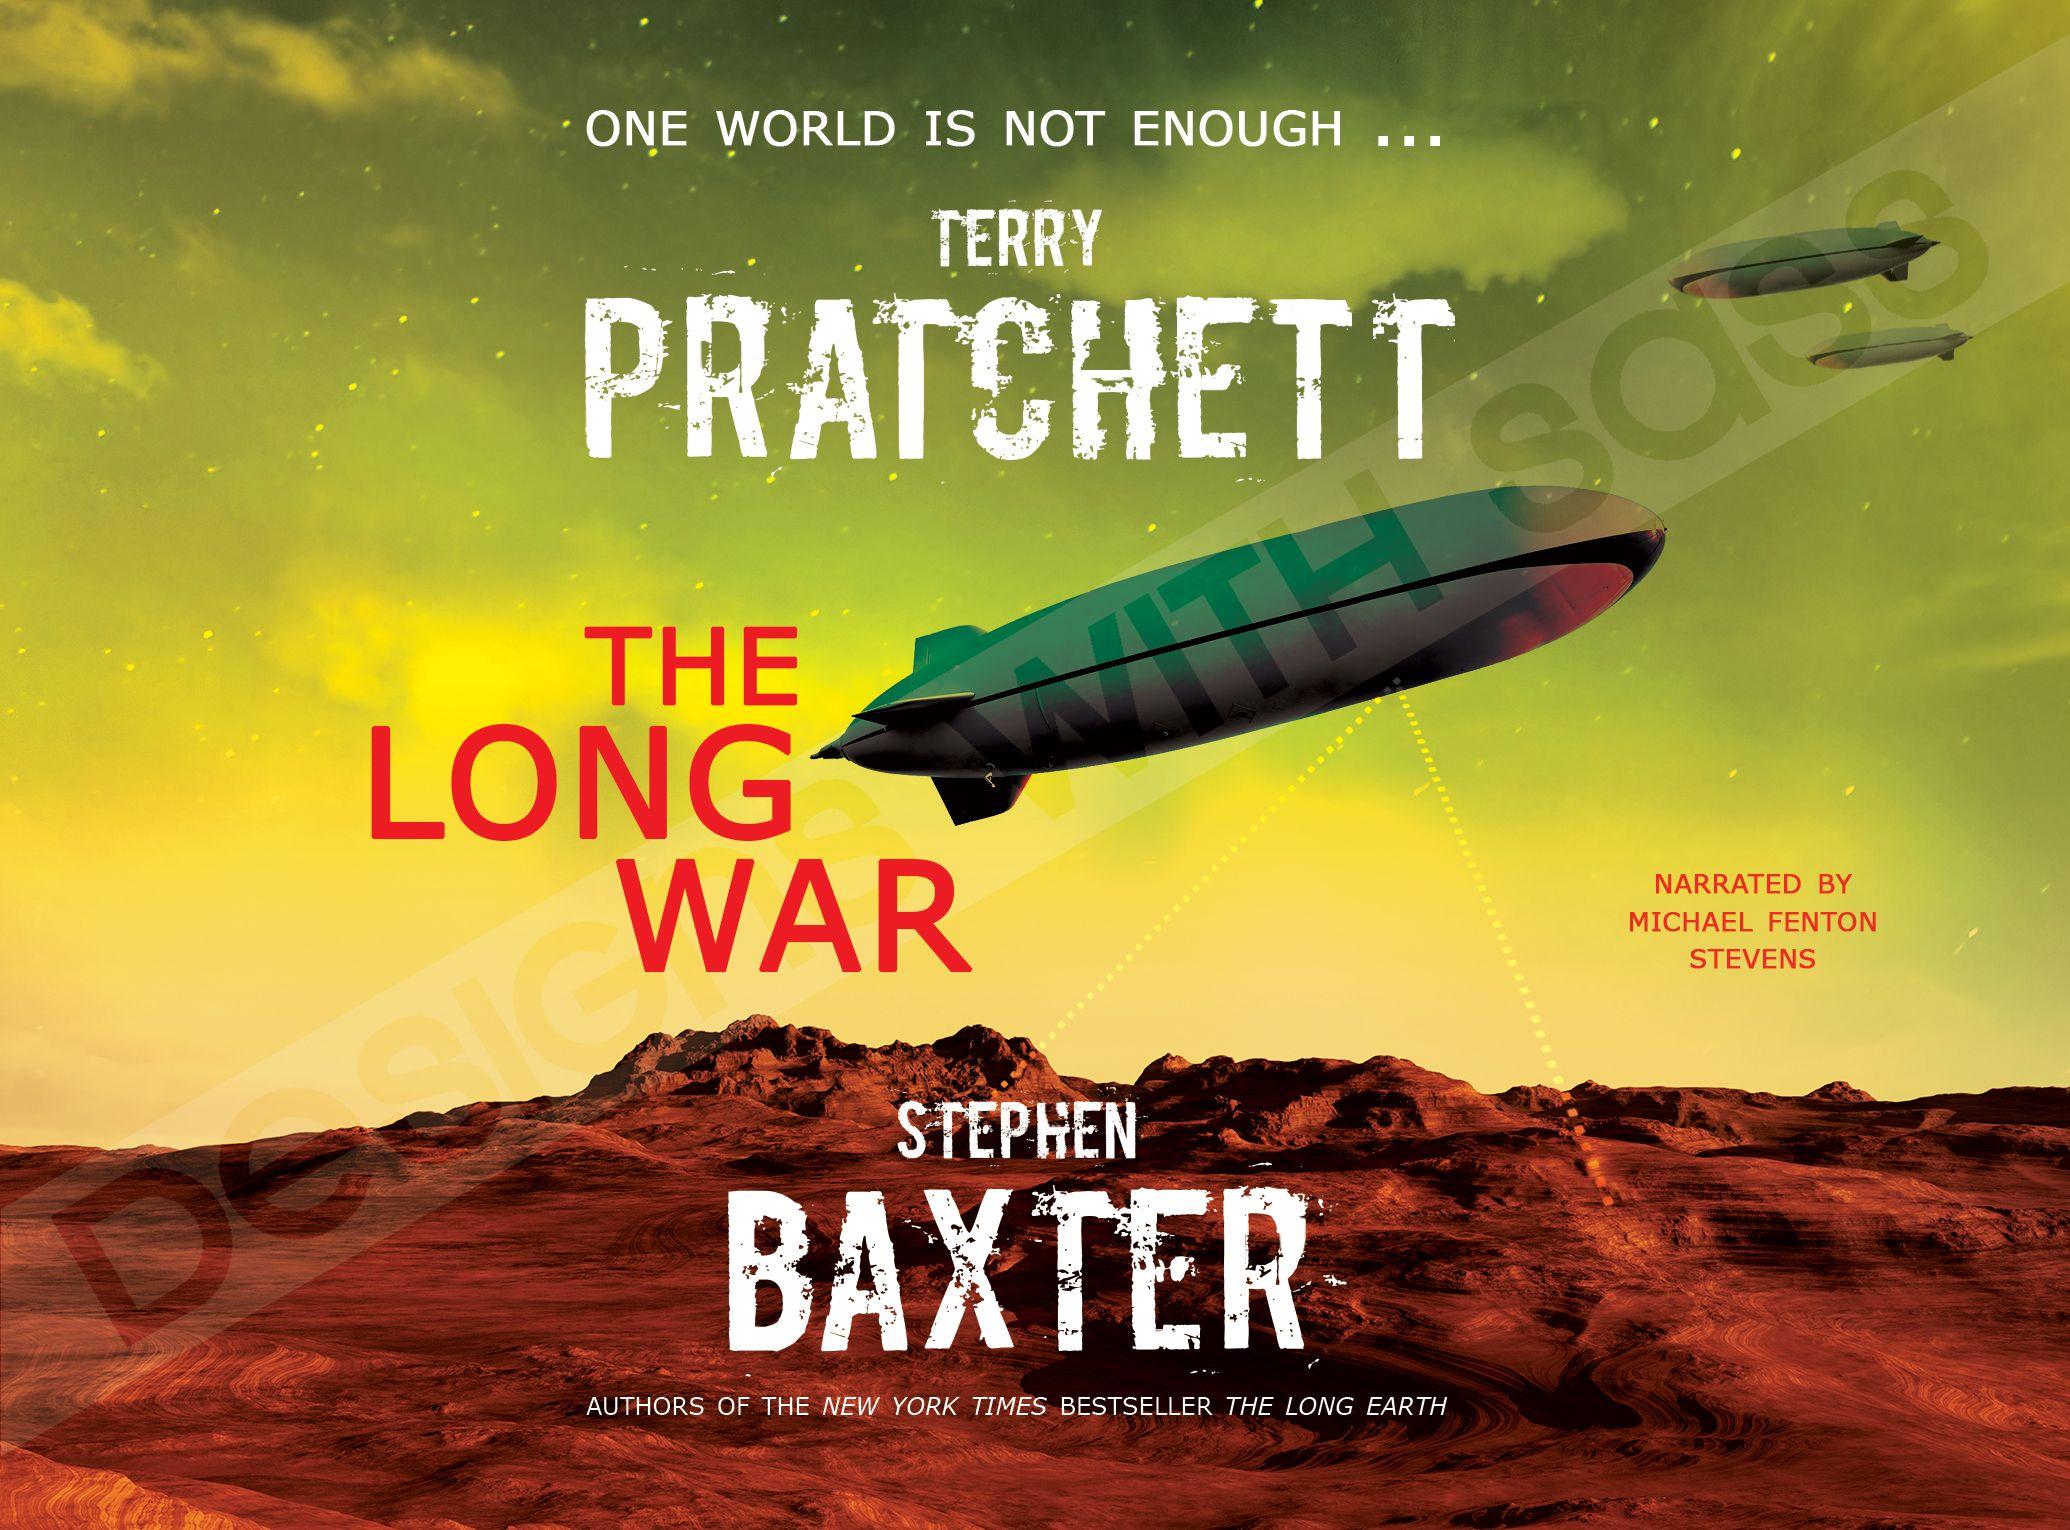 terrypratchett #thelongwar #bookcover #deisgn #paranormal